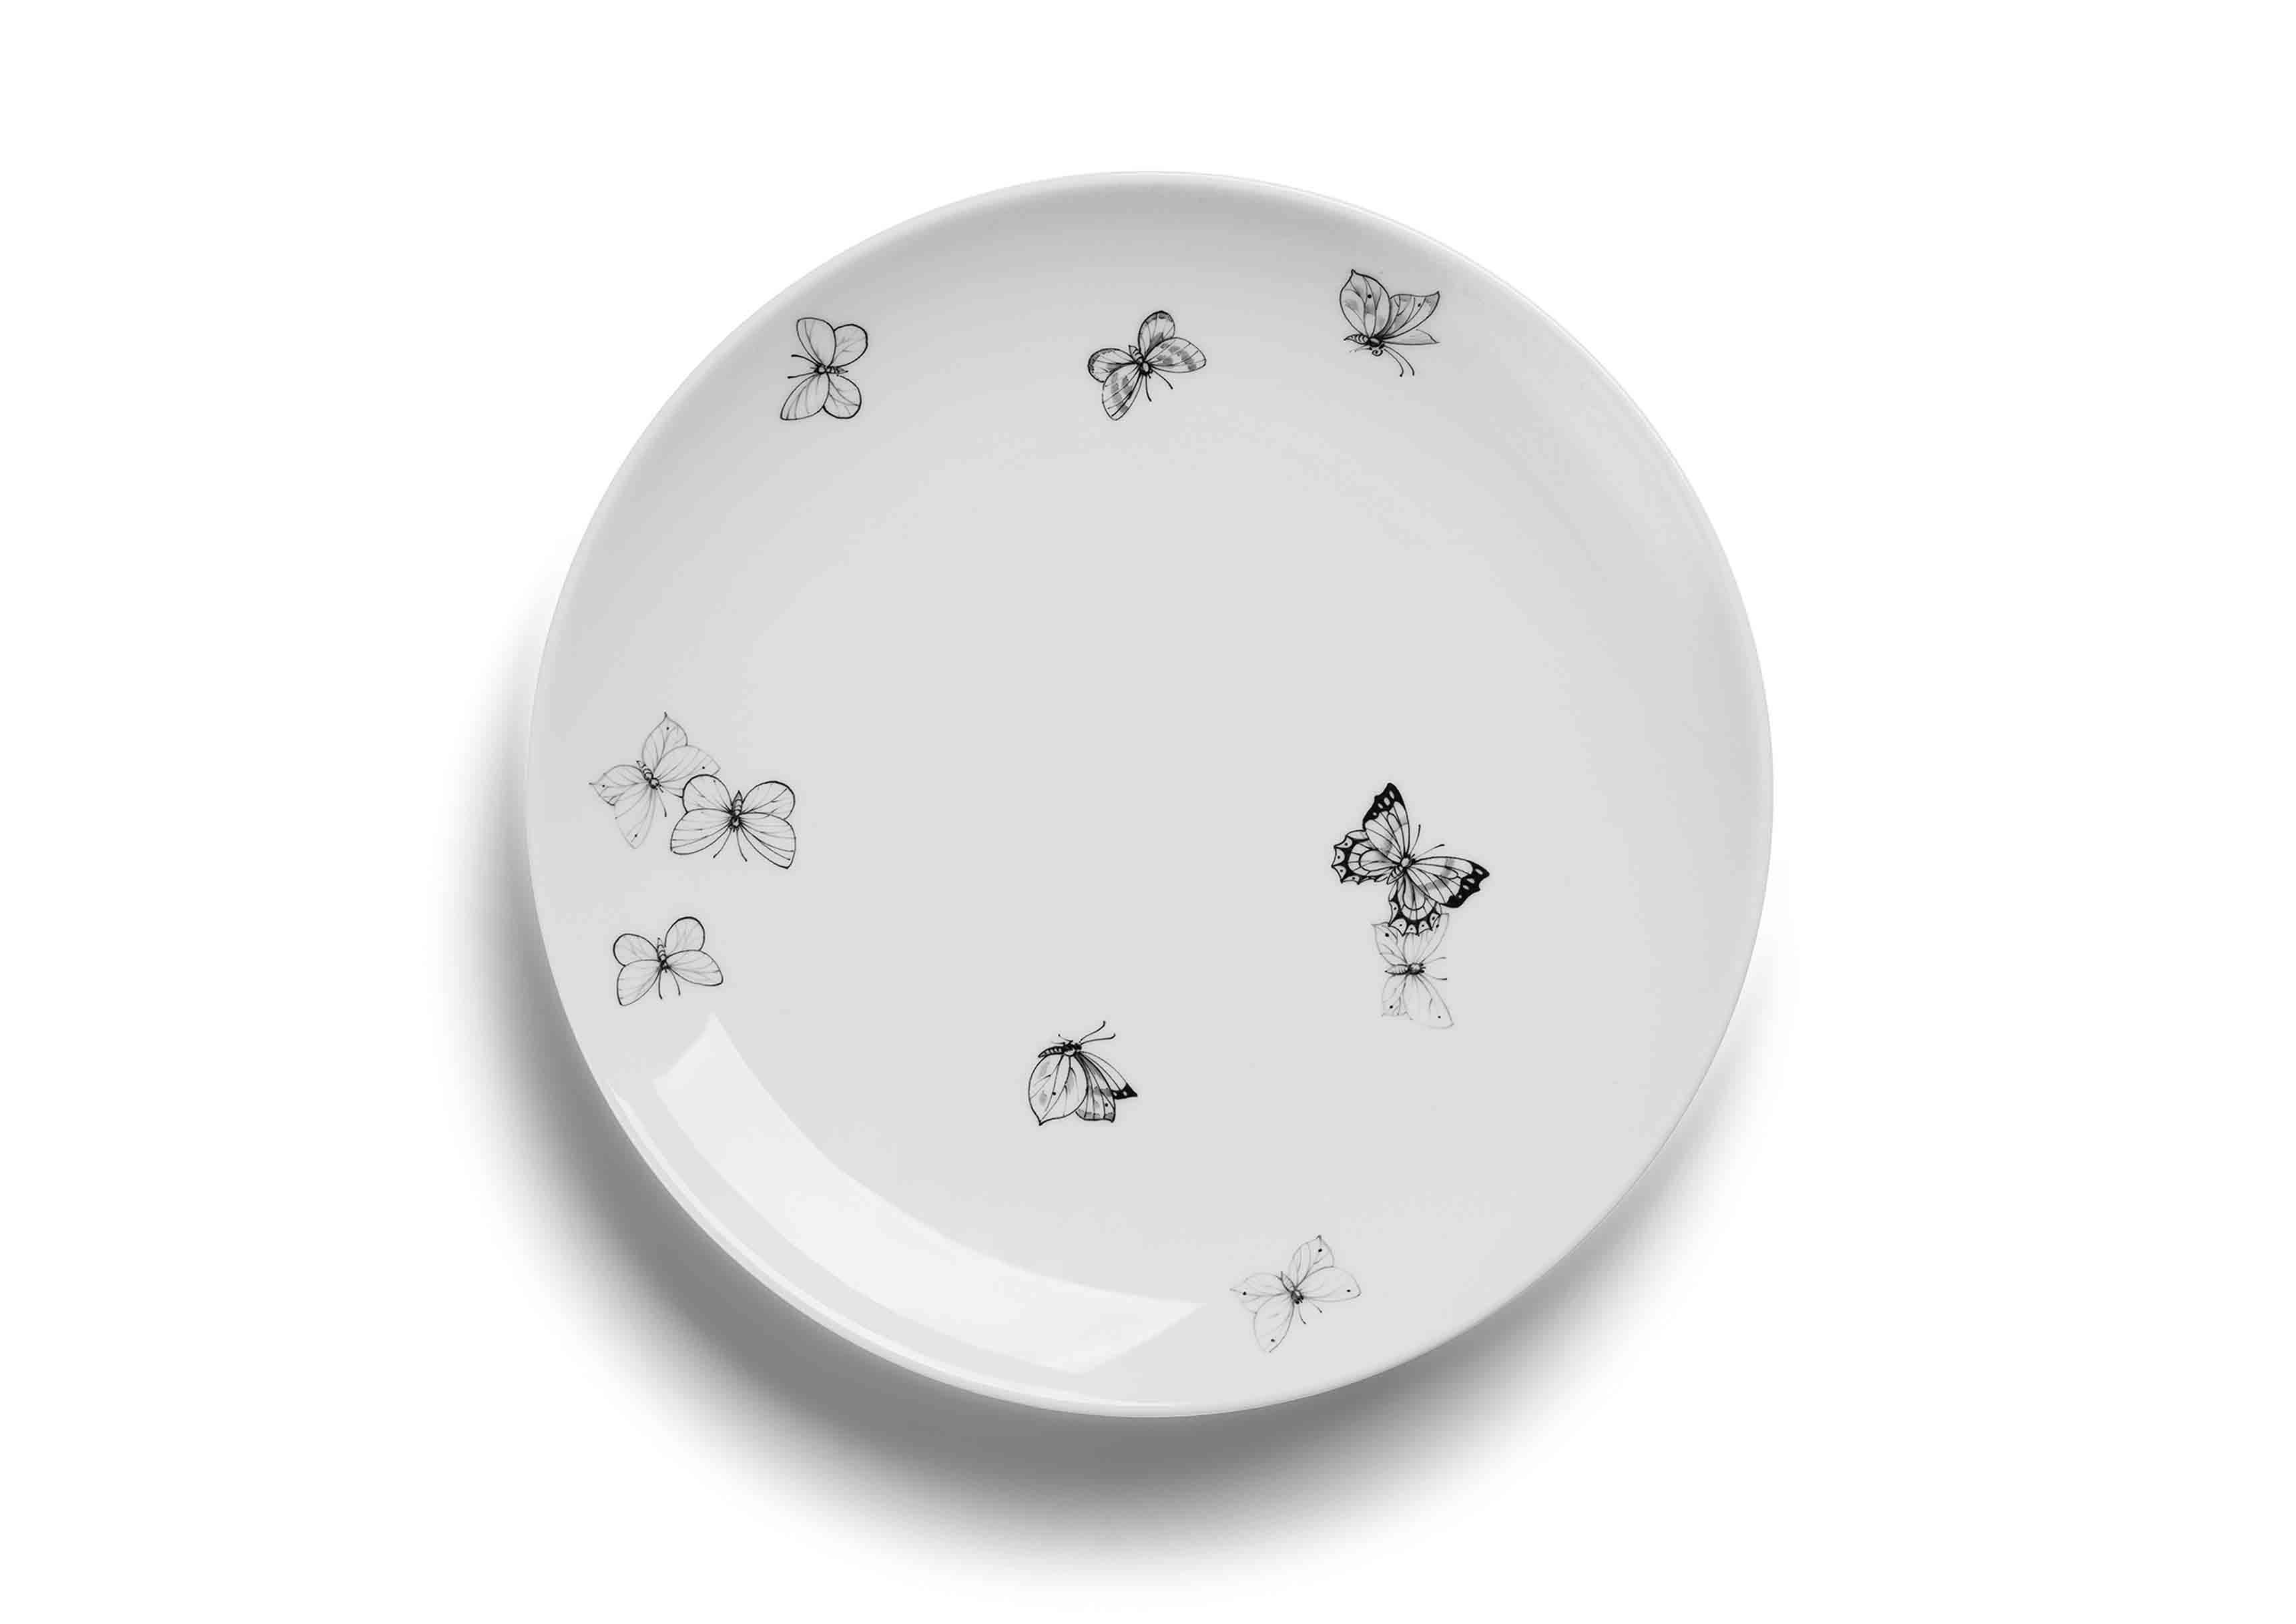 Assiette en porcelaine blanche issue de la nouvelle collection Maison de Bottega Veneta, à l'occasion du Salone del Mobile de Milan.